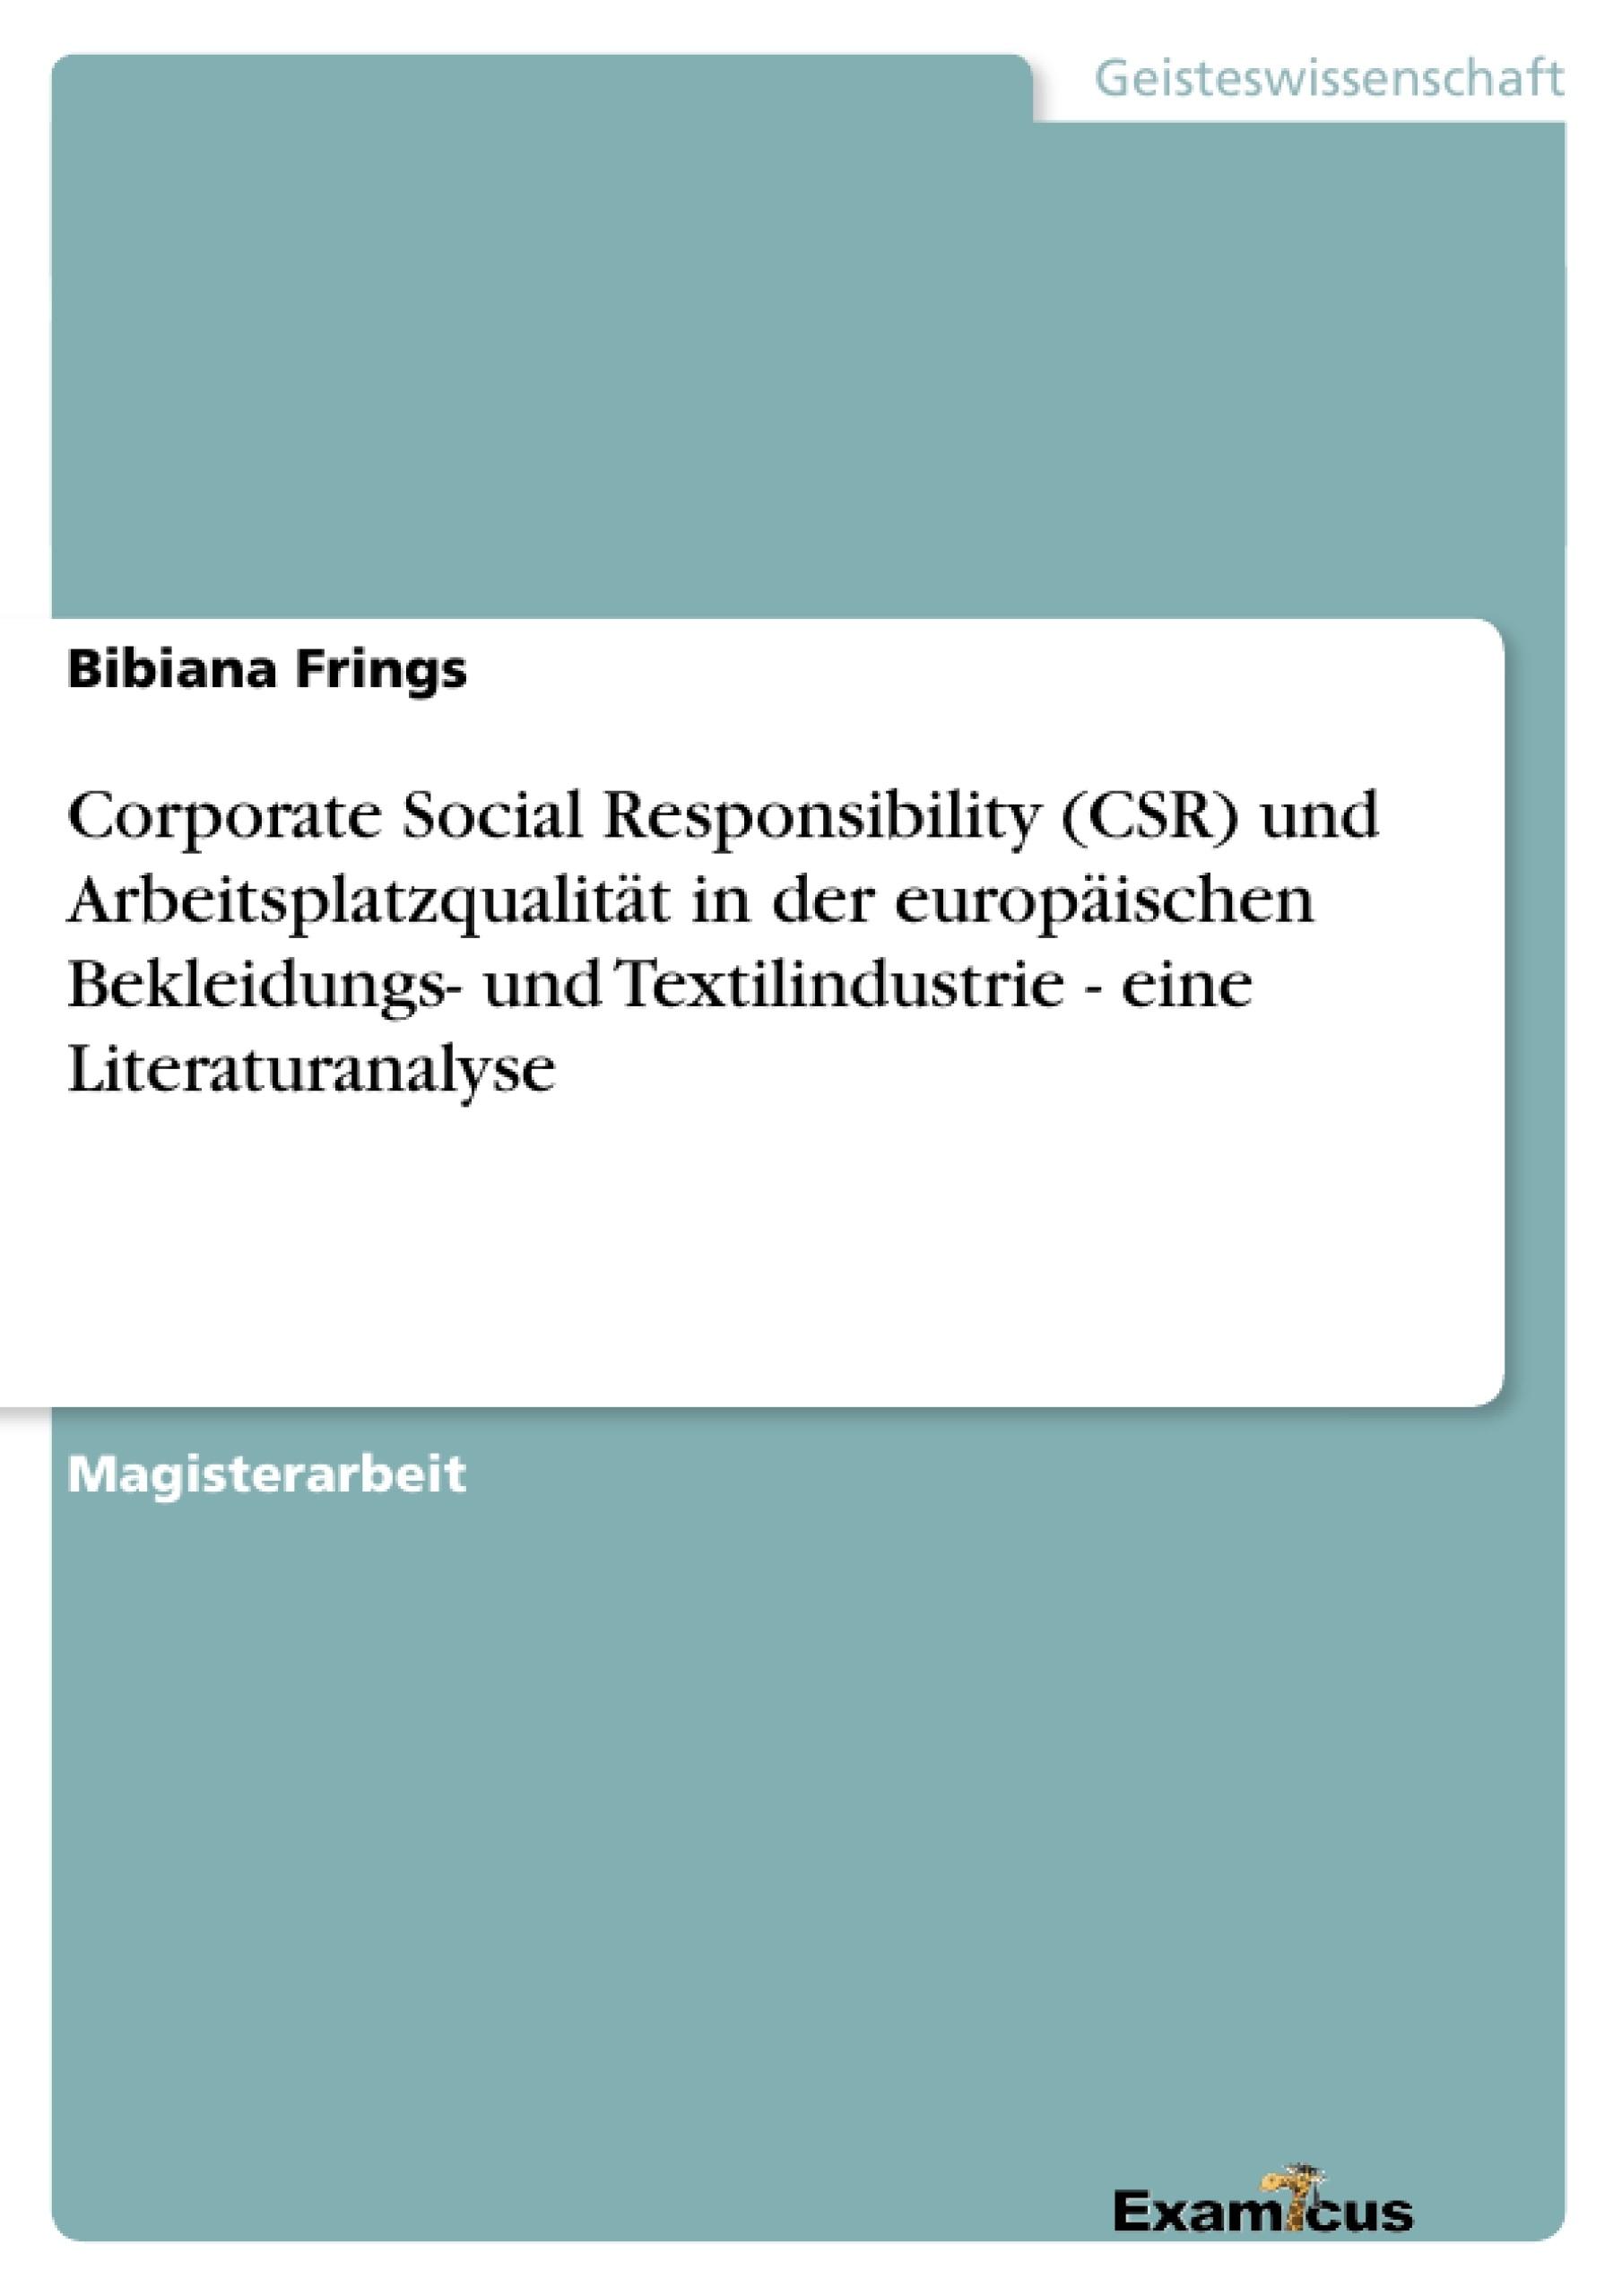 Titel: Corporate Social Responsibility (CSR) und Arbeitsplatzqualität in der europäischen Bekleidungs- und Textilindustrie - eine Literaturanalyse